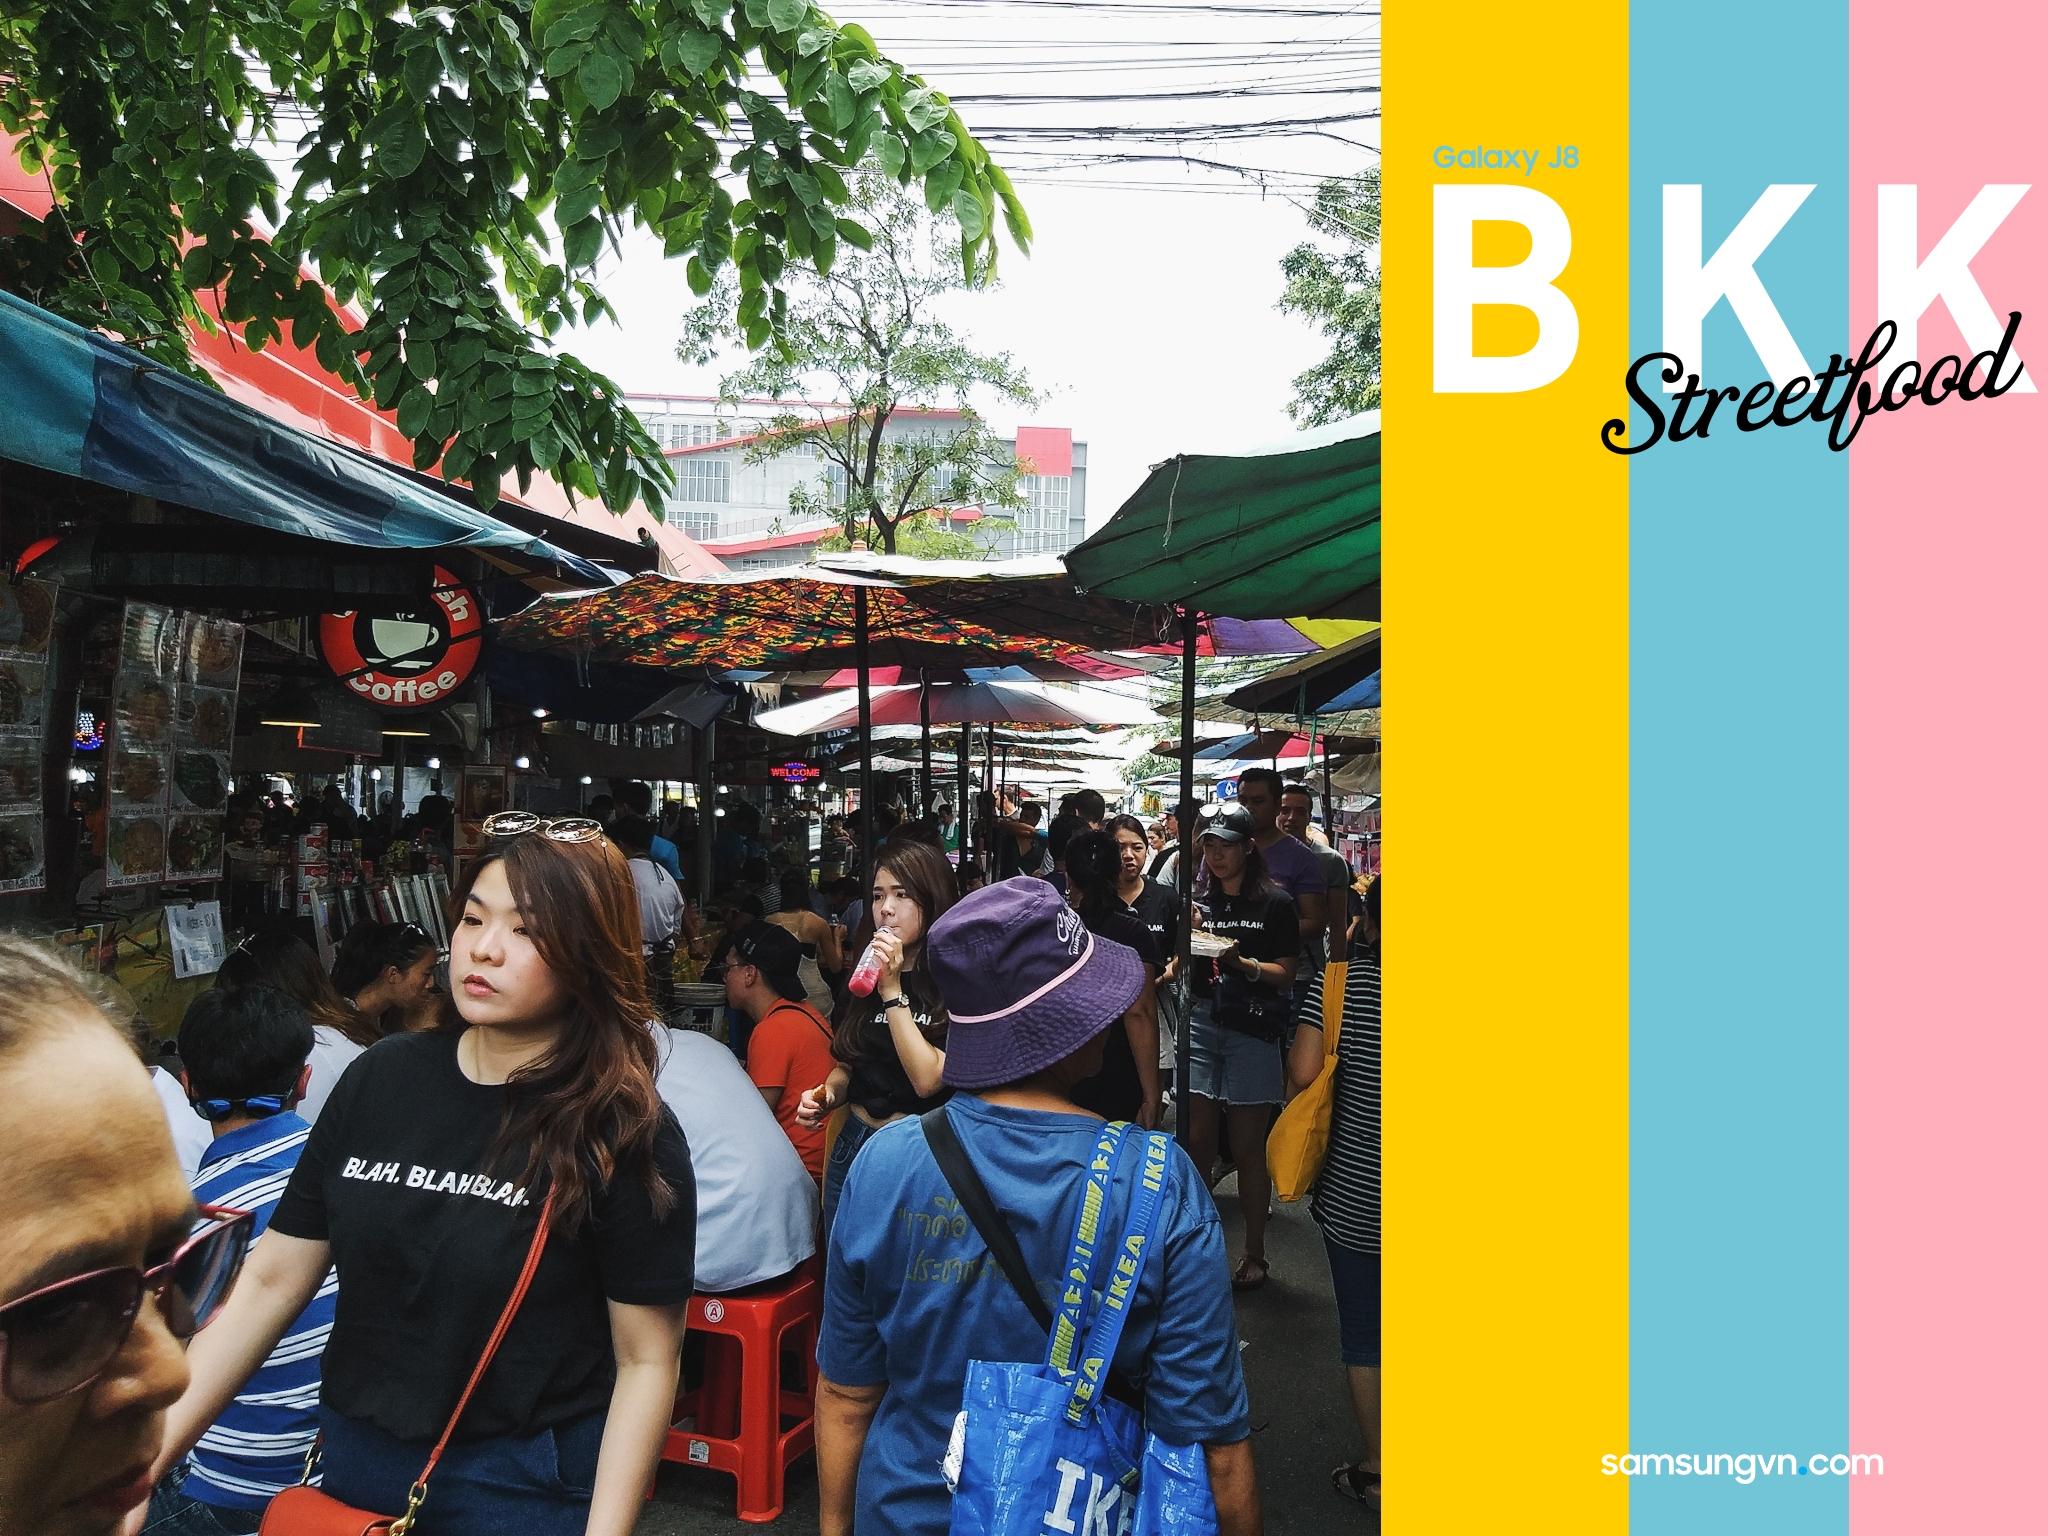 """Món ăn Đường phố Bangkok """"nhìn là thèm"""" qua lăng kính của Galaxy J8"""